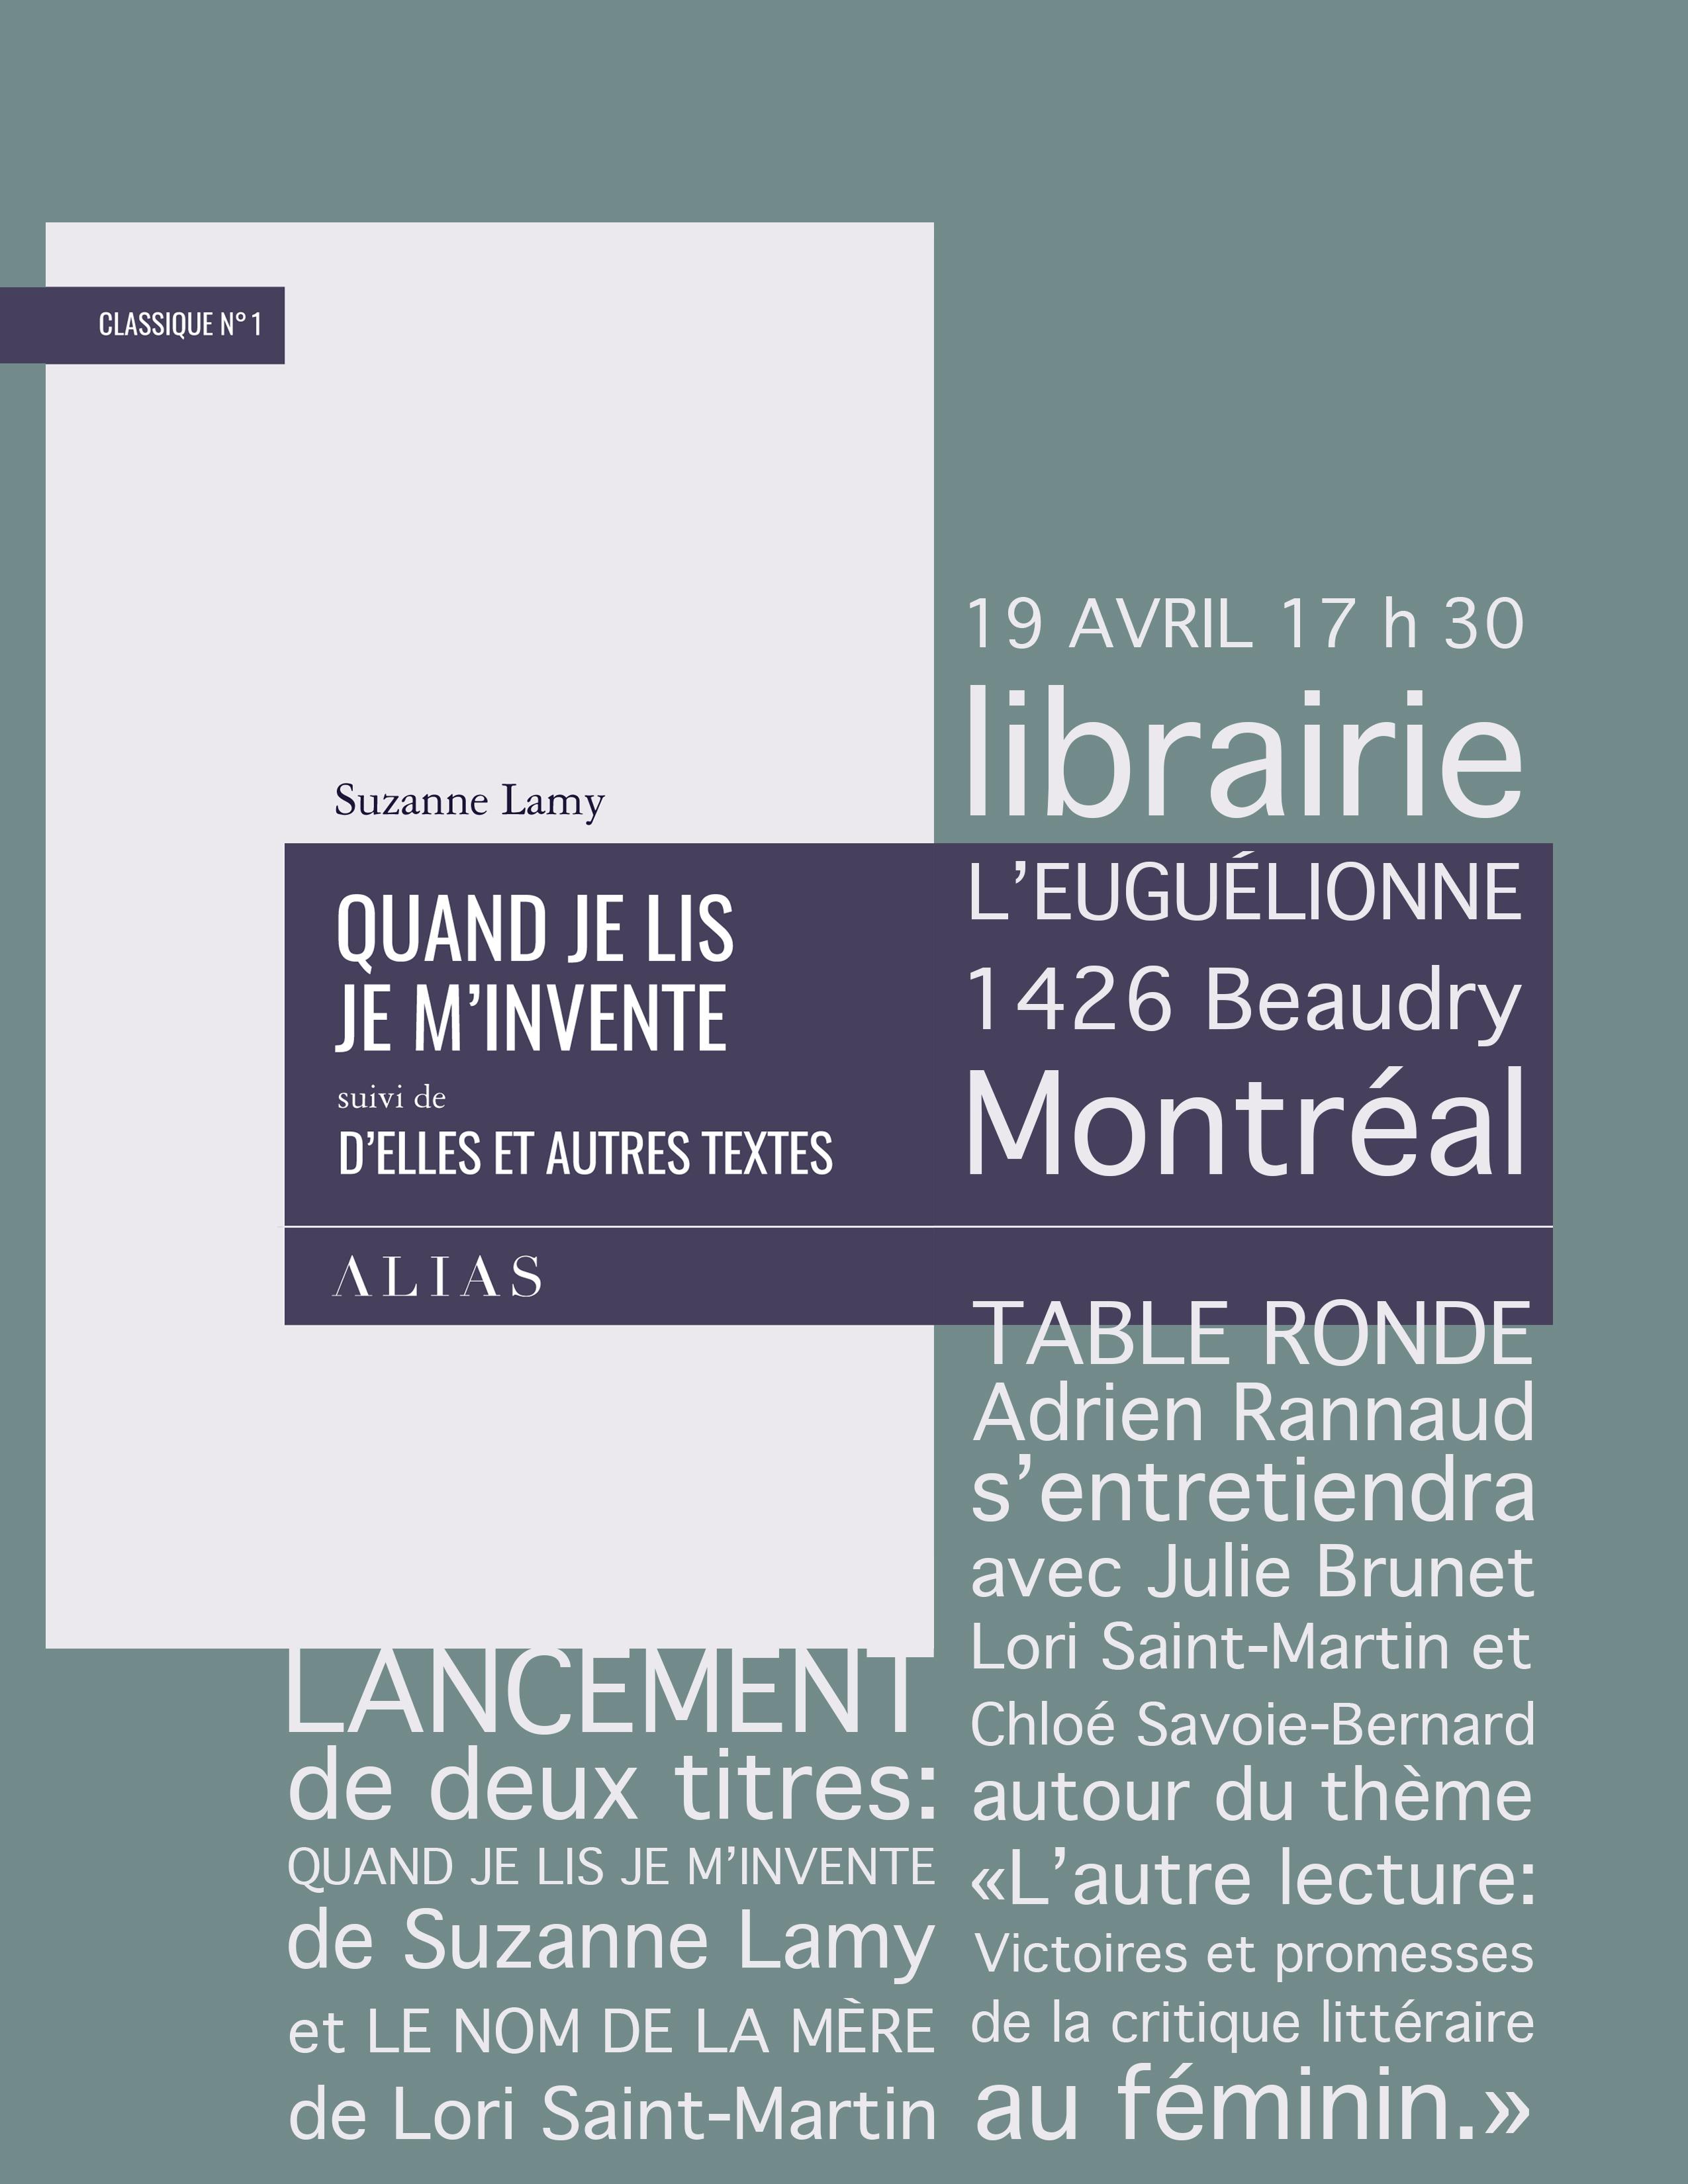 IMAGE-affiche_lancement-table-ronde_Lautre-lecture_Victoires-et-promesses-de-la-critique-litteraire-au-feminin